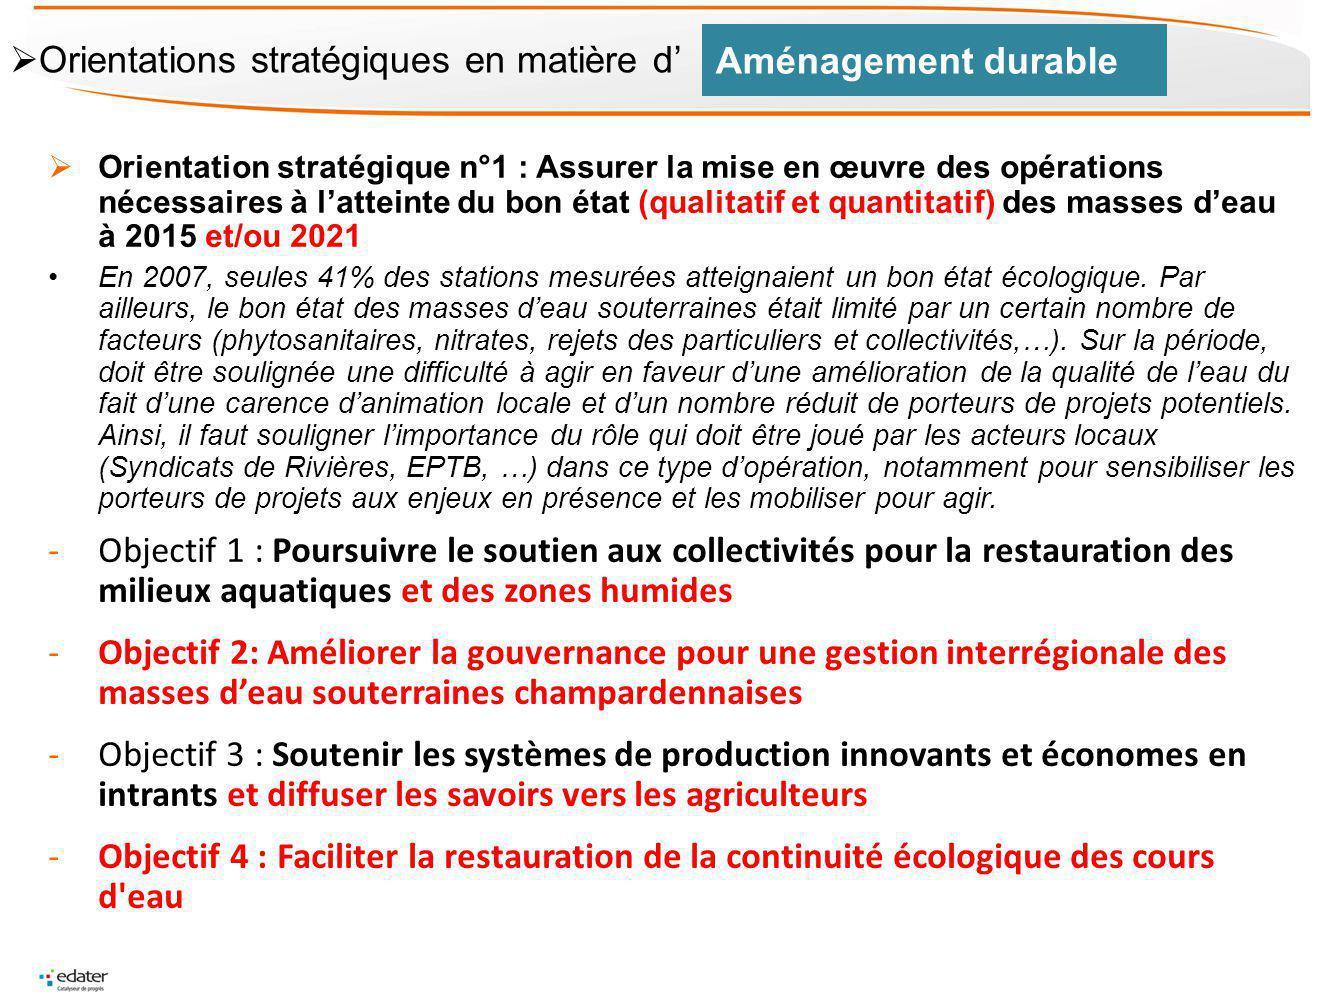 Orientation stratégique n°1 : Assurer la mise en œuvre des opérations nécessaires à latteinte du bon état (qualitatif et quantitatif) des masses deau